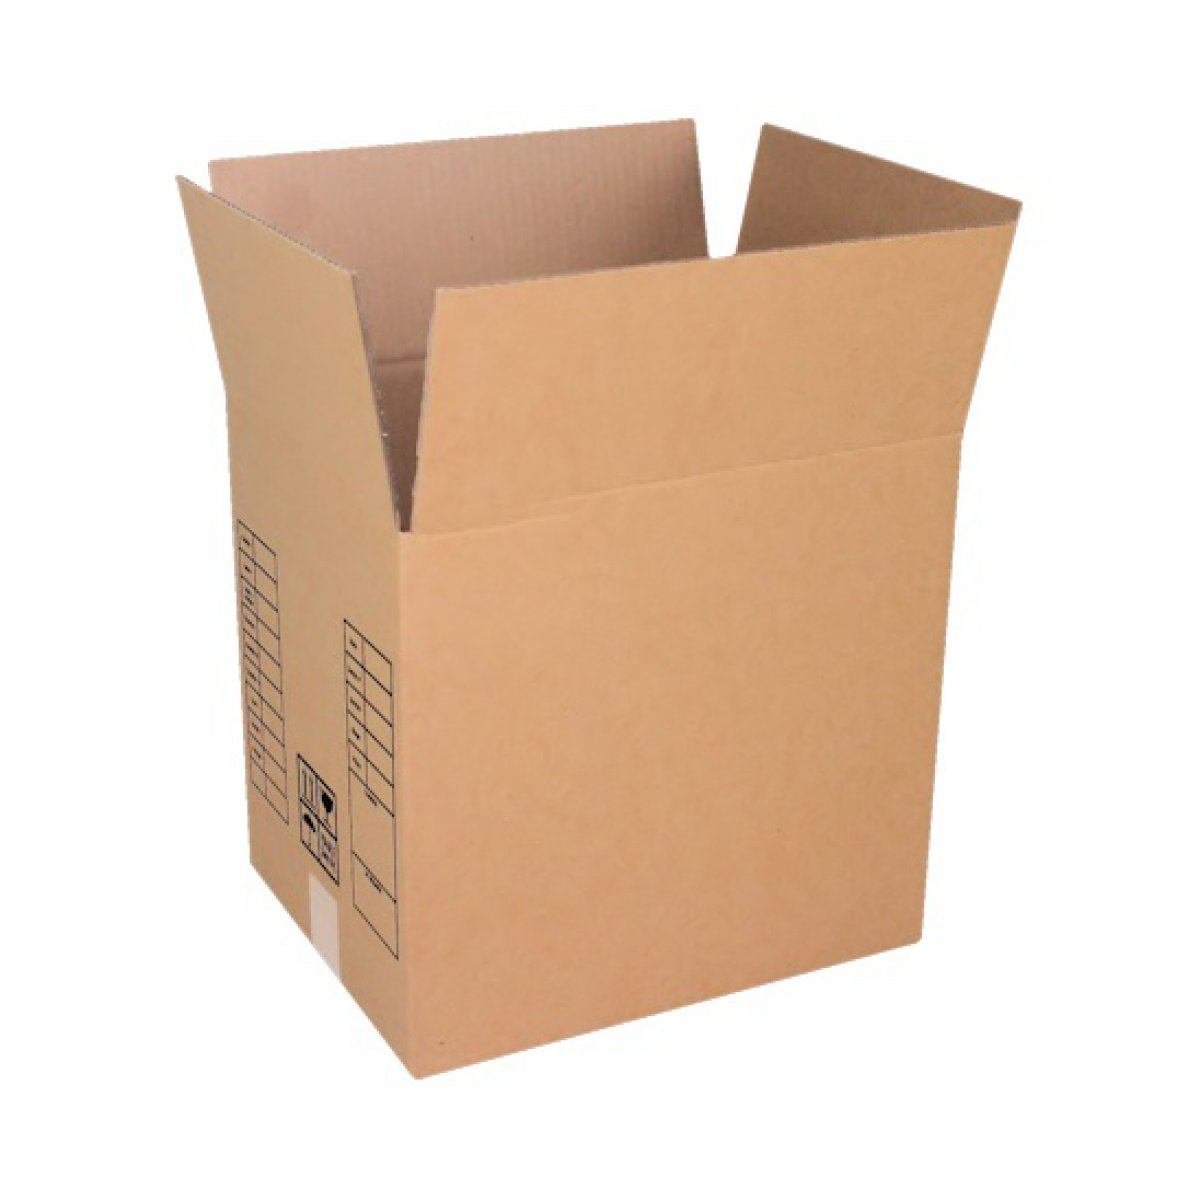 Cartons de déménagement PerpiDem, spécialiste du déménagement en France